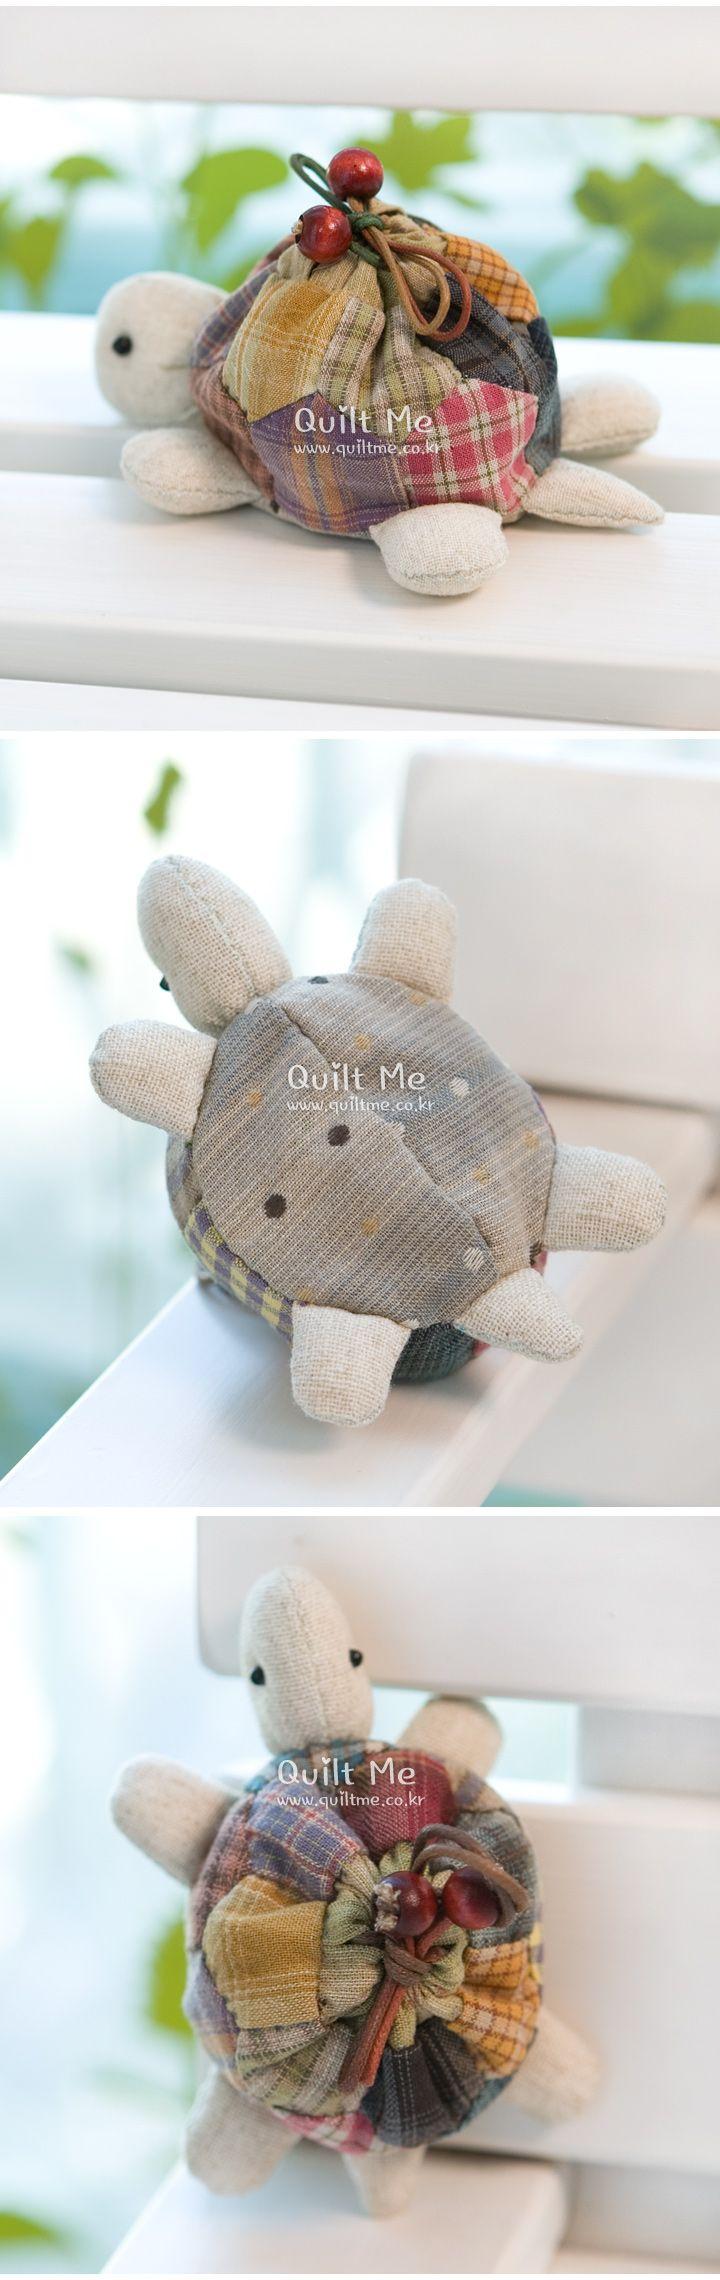 거북이 미니파우치&동전지갑 세트] | Sewing | Pinterest | Tortuga ...